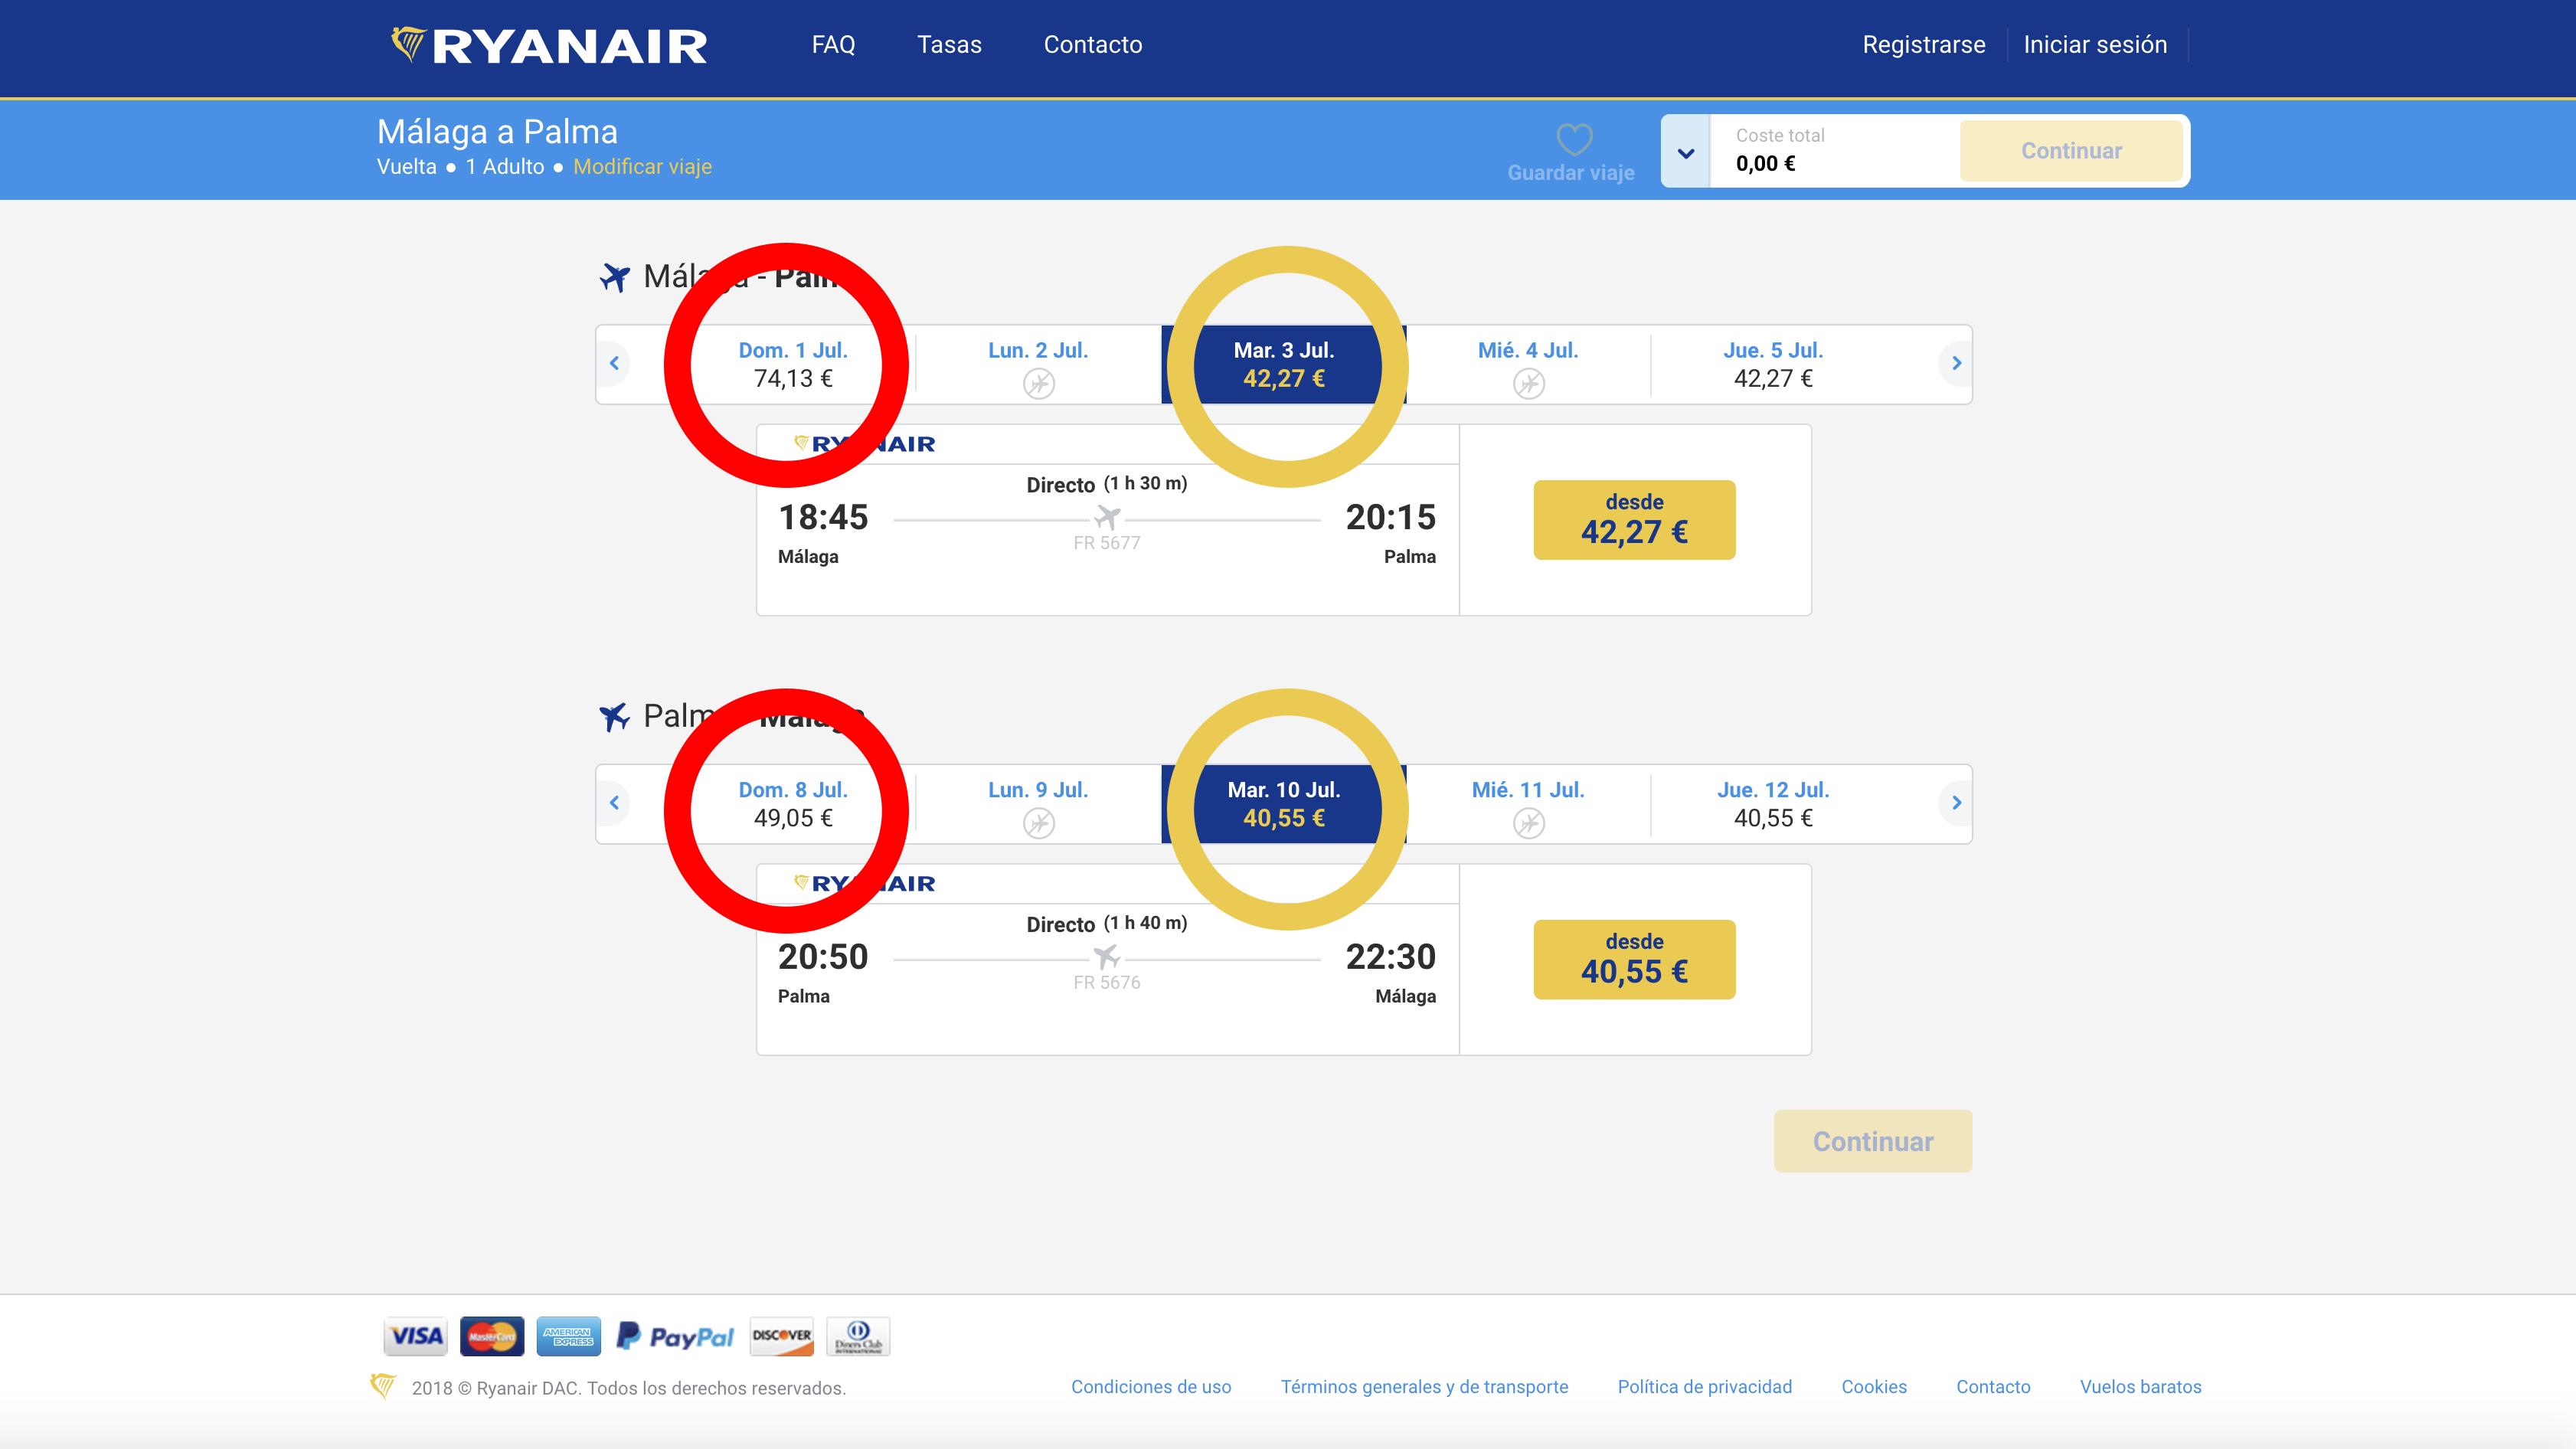 Conseguir vuelos baratos con Ryanair